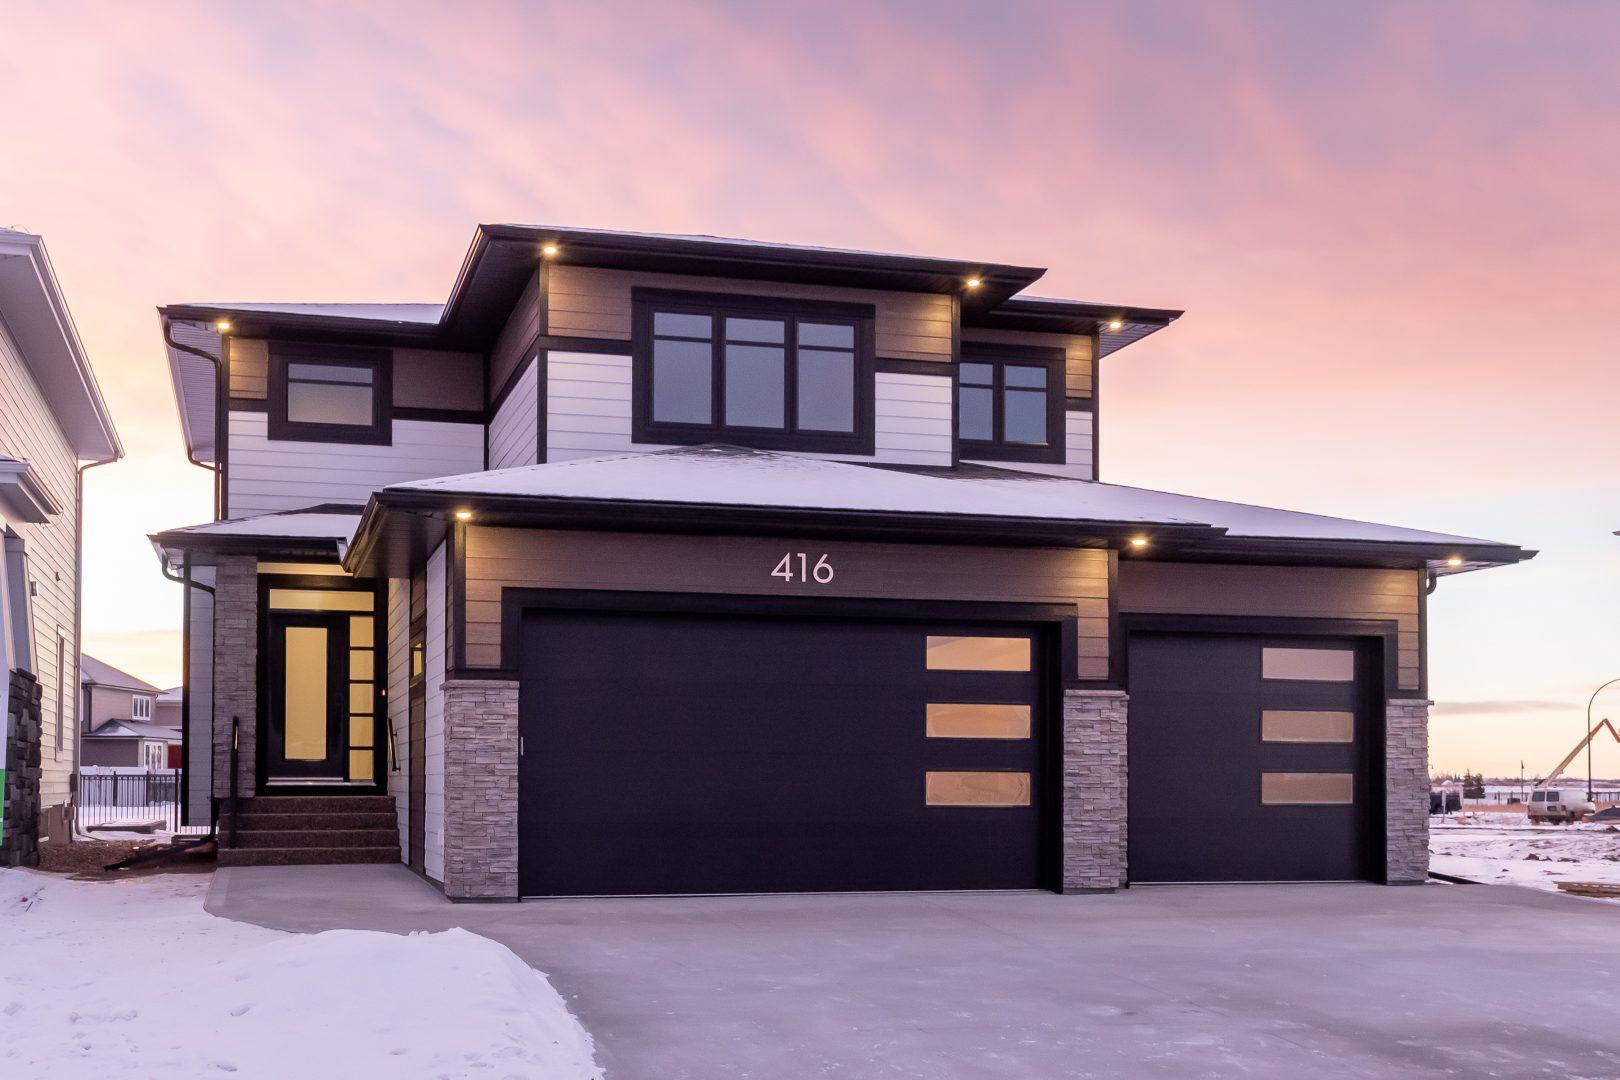 416 Dubois Terrace